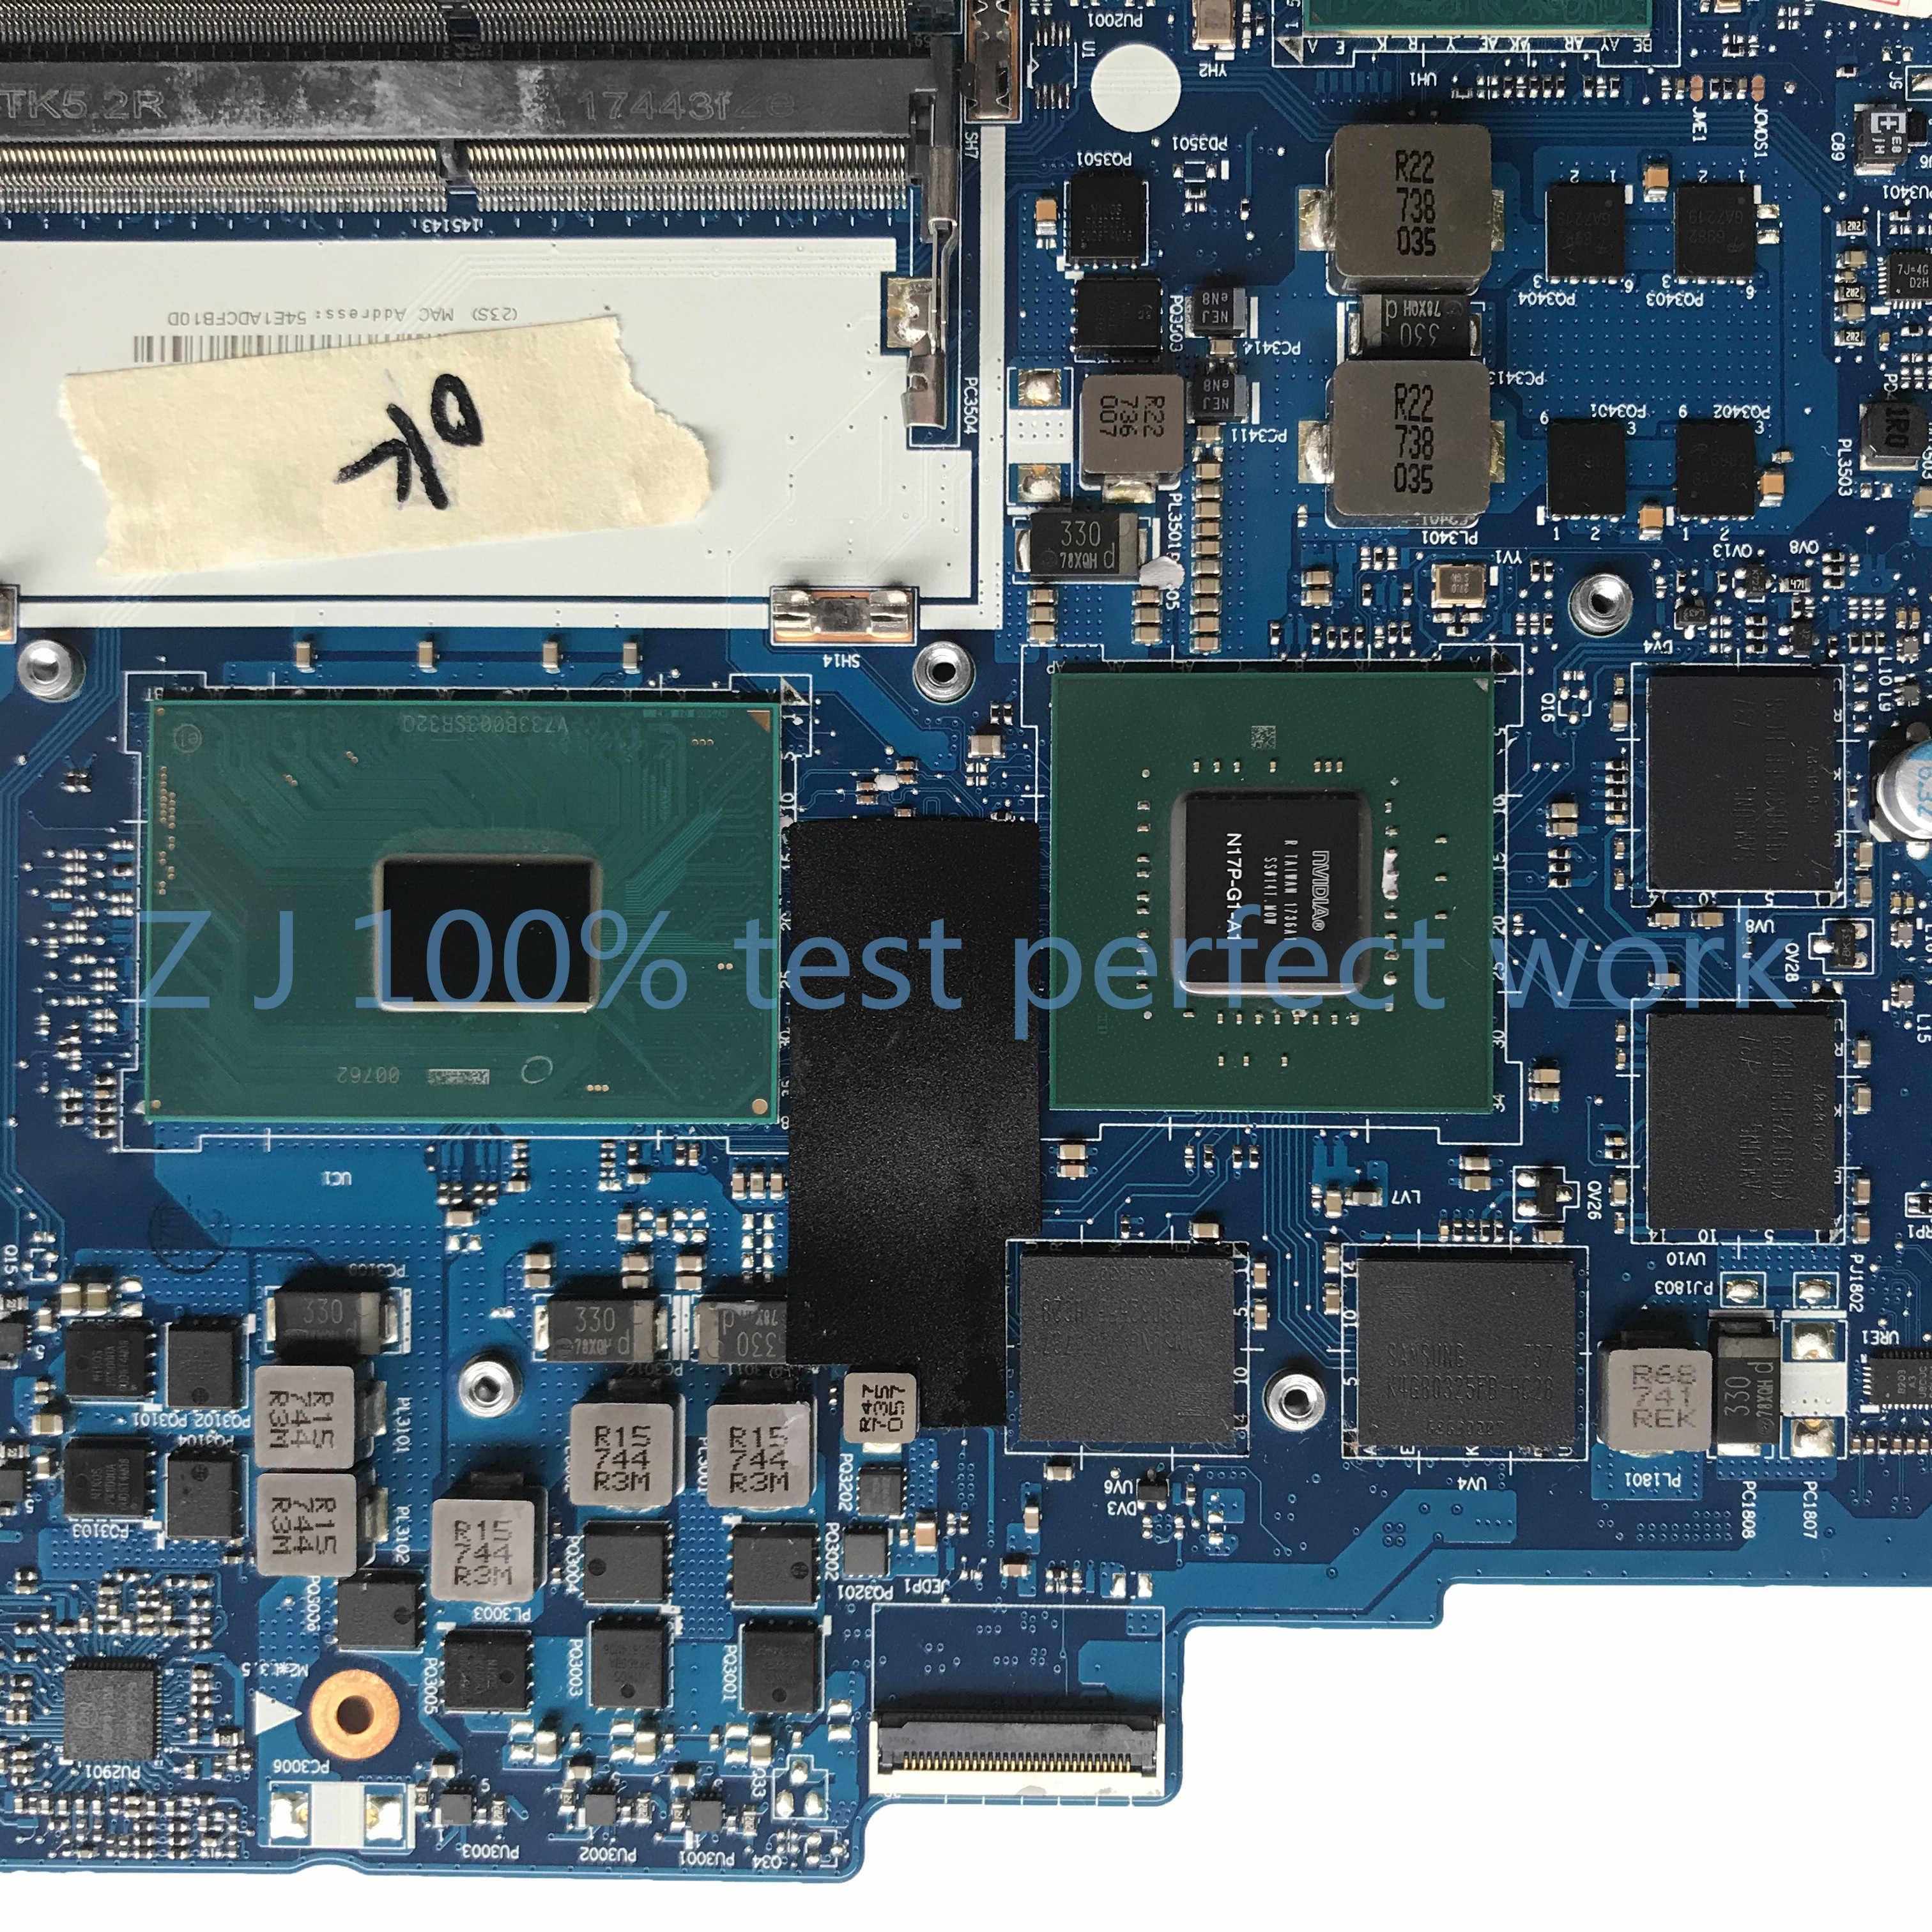 لينوفو فيلق Y520 Y520-15IKBN اللوحة الأم للكمبيوتر المحمول 5B20N00280 مع وحدة المعالجة المركزية i7-7700HQ GTX 1050Ti 4GB DY512 NM-B191 MB 100% اختبارها